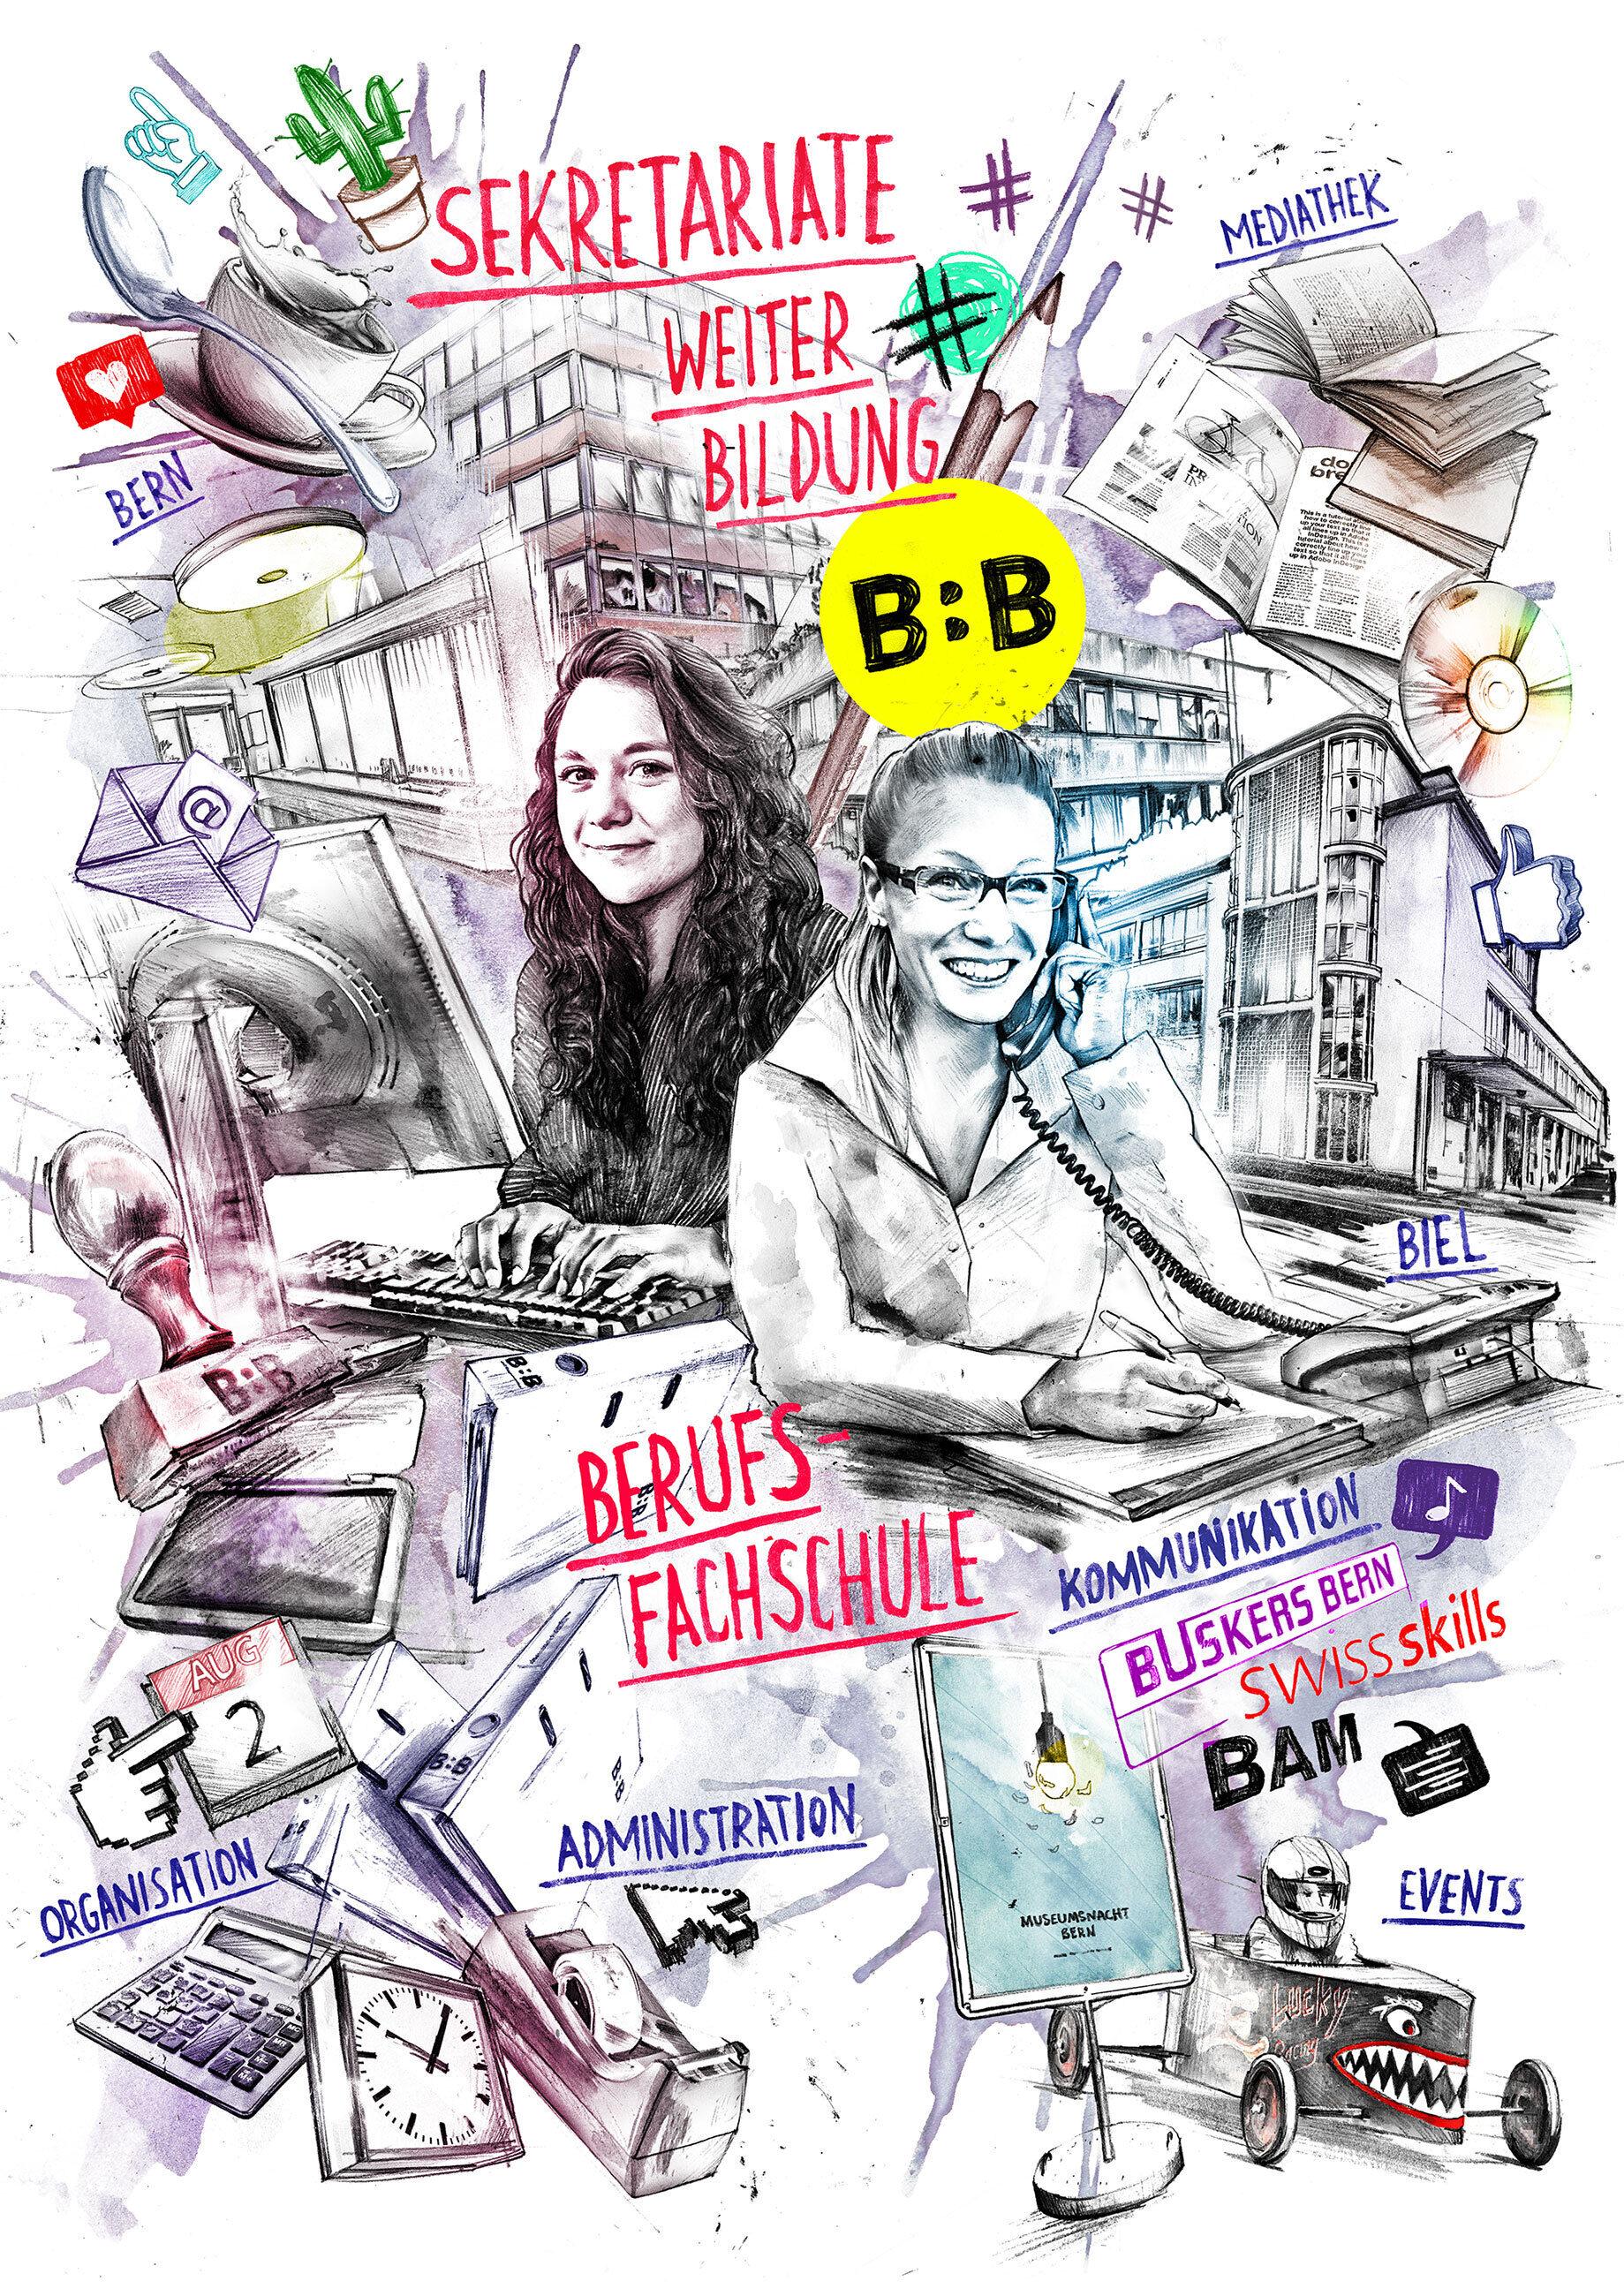 Schulsekretariate SFGB B Plakat - Kornel Illustration | Kornel Stadler portfolio